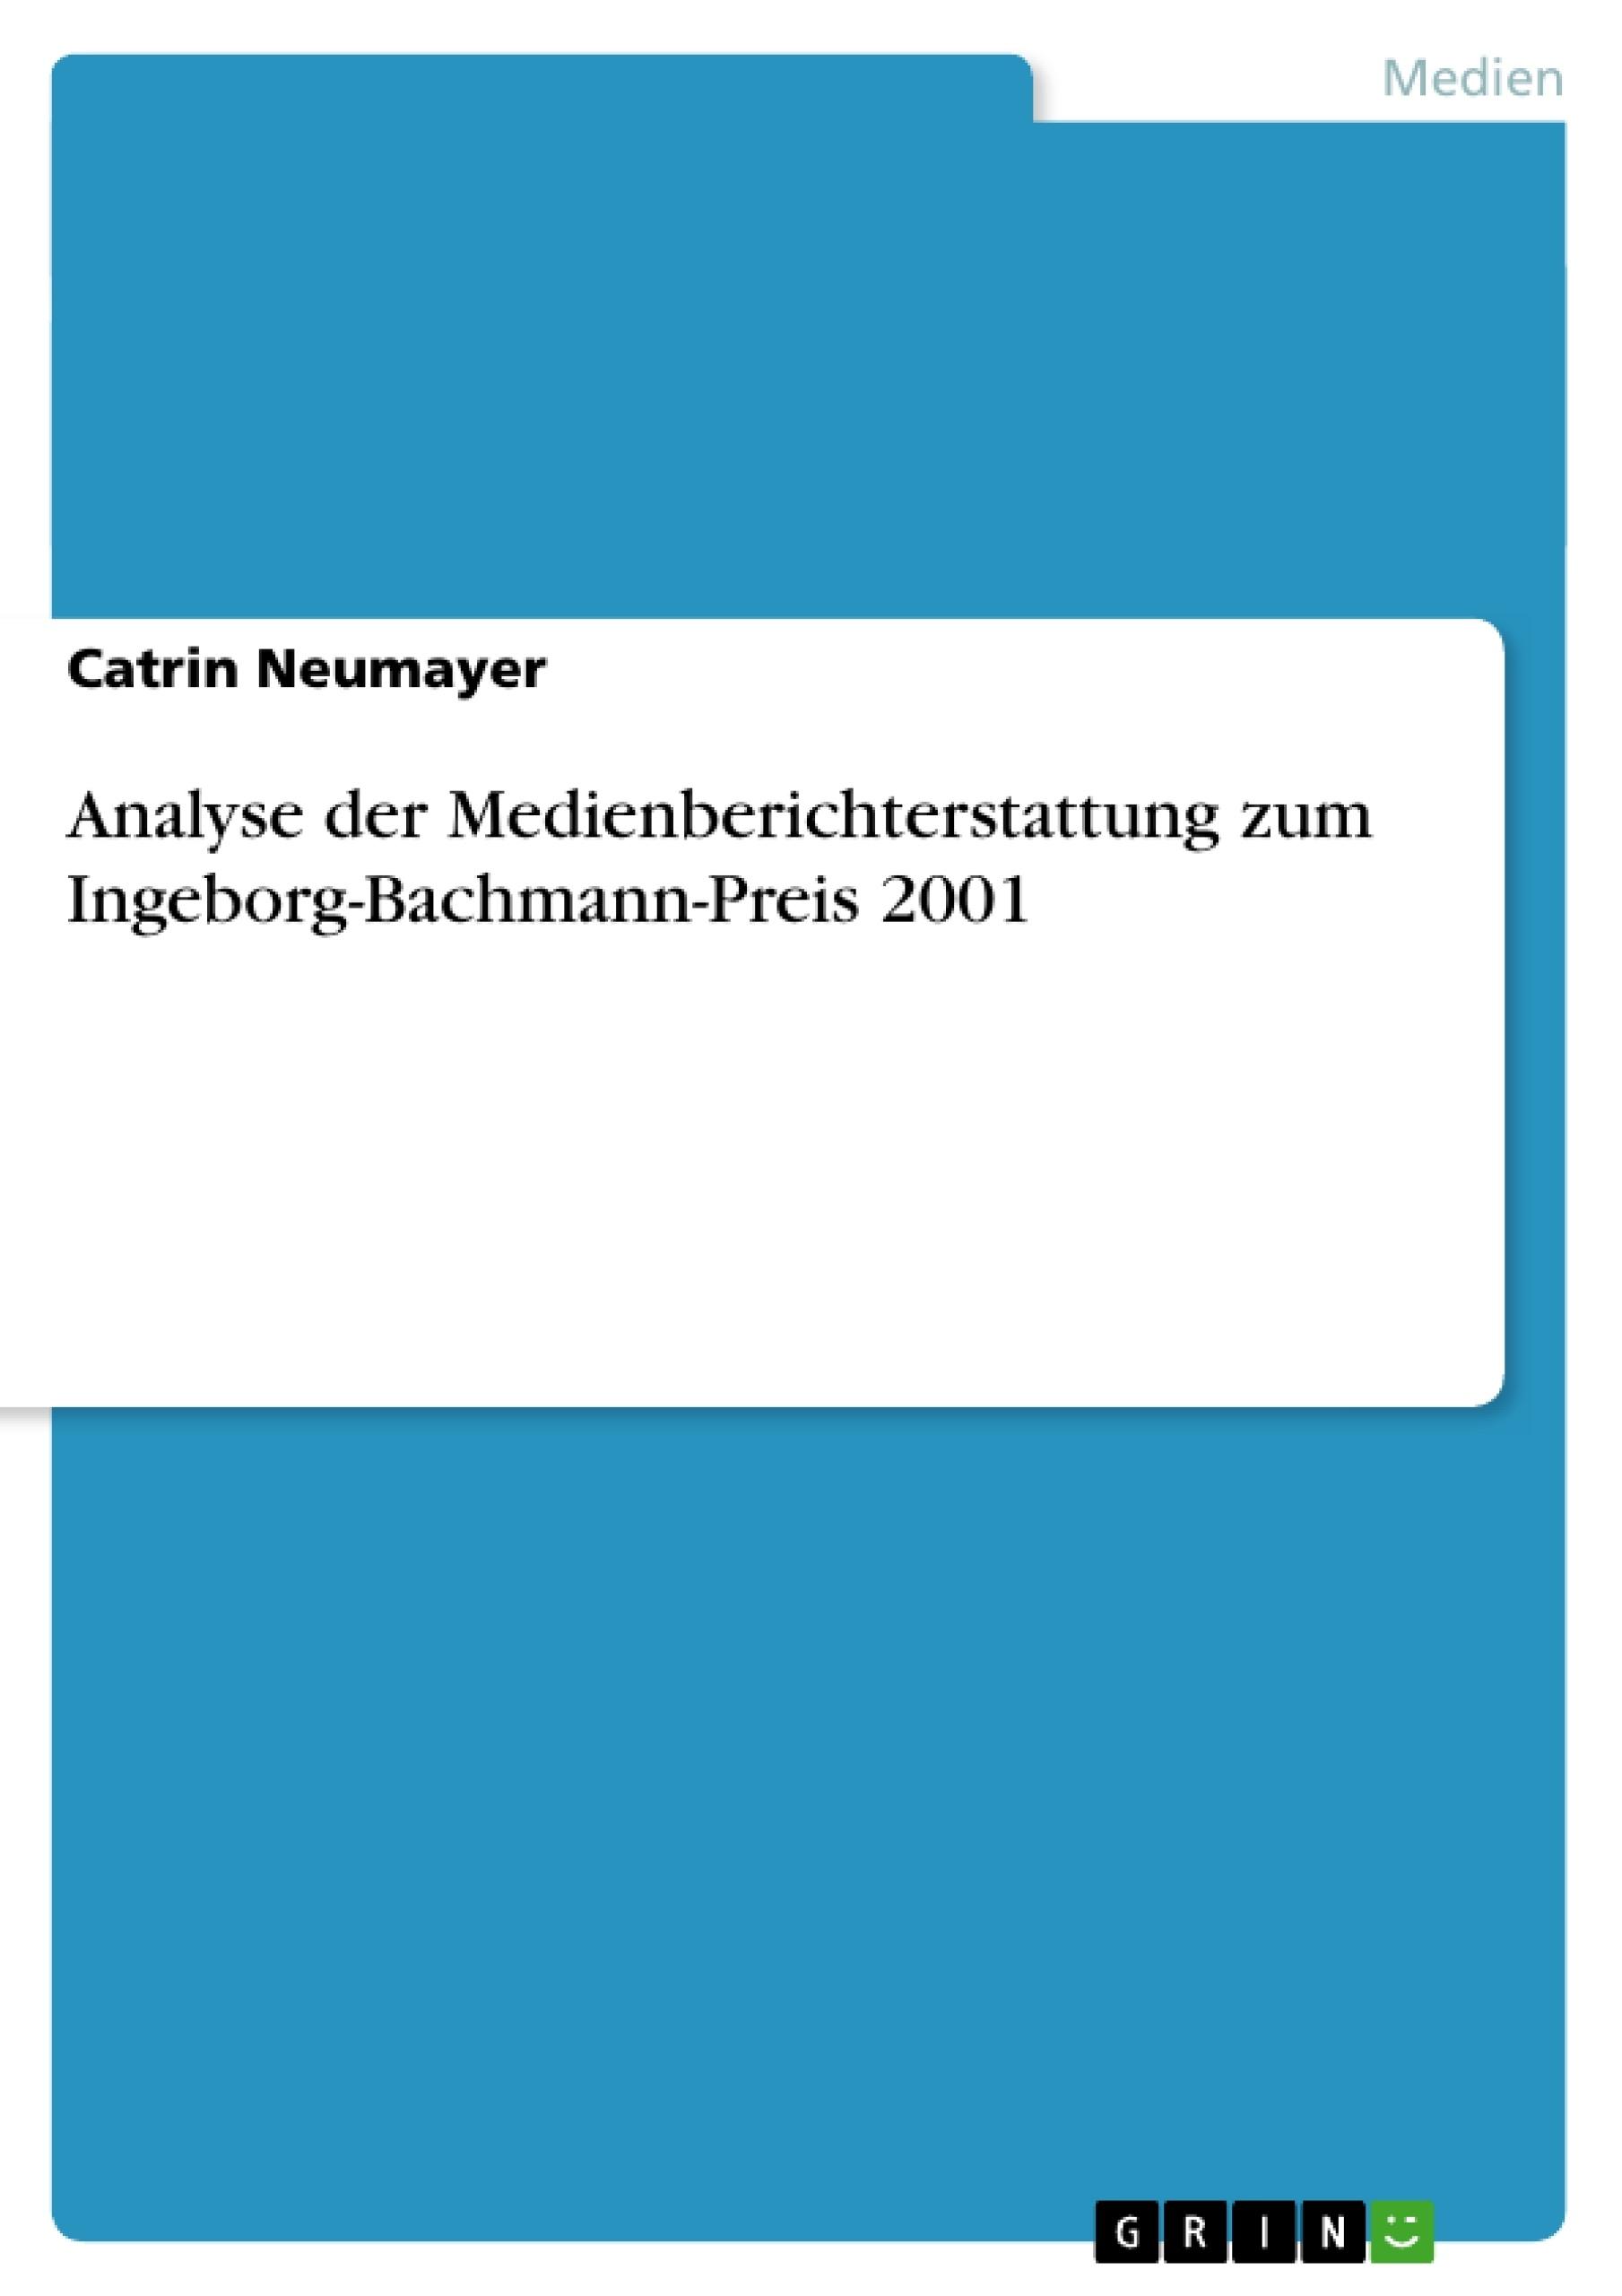 Titel: Analyse der Medienberichterstattung zum Ingeborg-Bachmann-Preis 2001